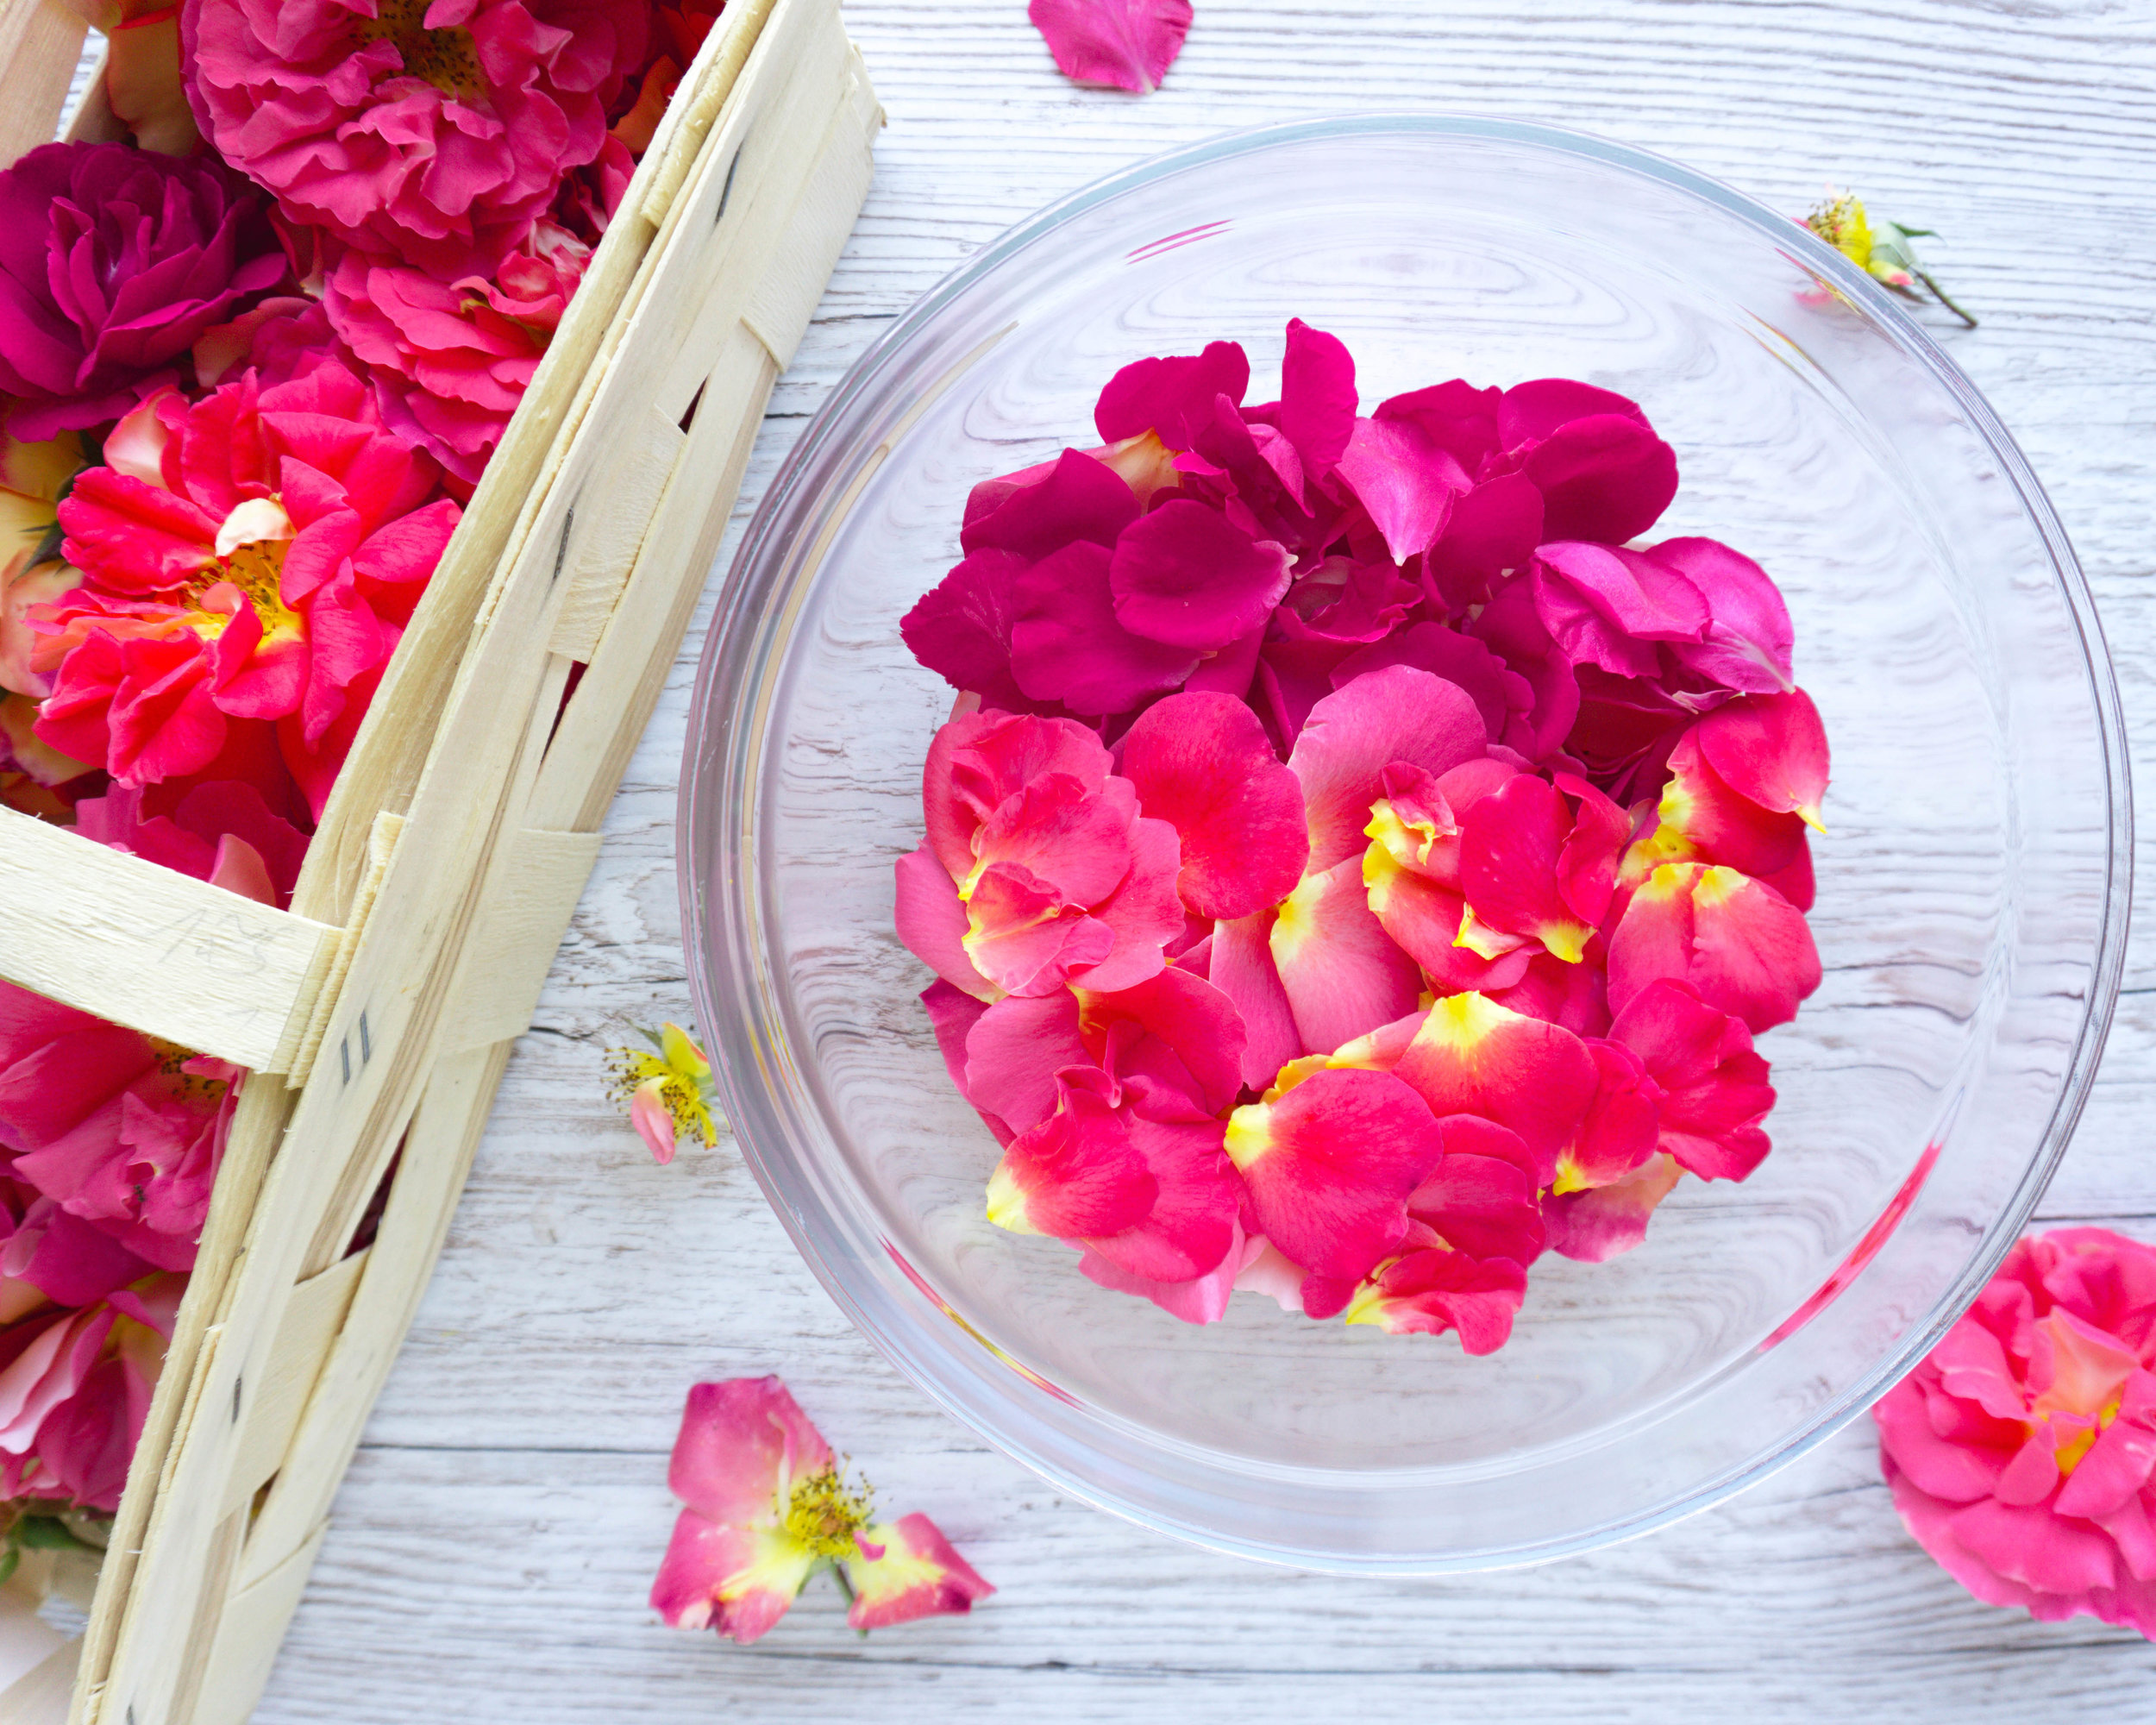 Ich hab mich für eine Mischung aus toll duftenden und stärker gefärbten Rosen entschieden. War eine gute Idee, denn Geschmack und Farbe sprechen für sich! (kleiner Tipp am Rande: Such dir wirklich nur die schönsten Blütenblätter für dein Rosen-Gelée raus für das beste Ergebnis. Den Rest kannst du ja noch trocknen und z.B. für  selbstgemachte Badezusätze  verwenden )